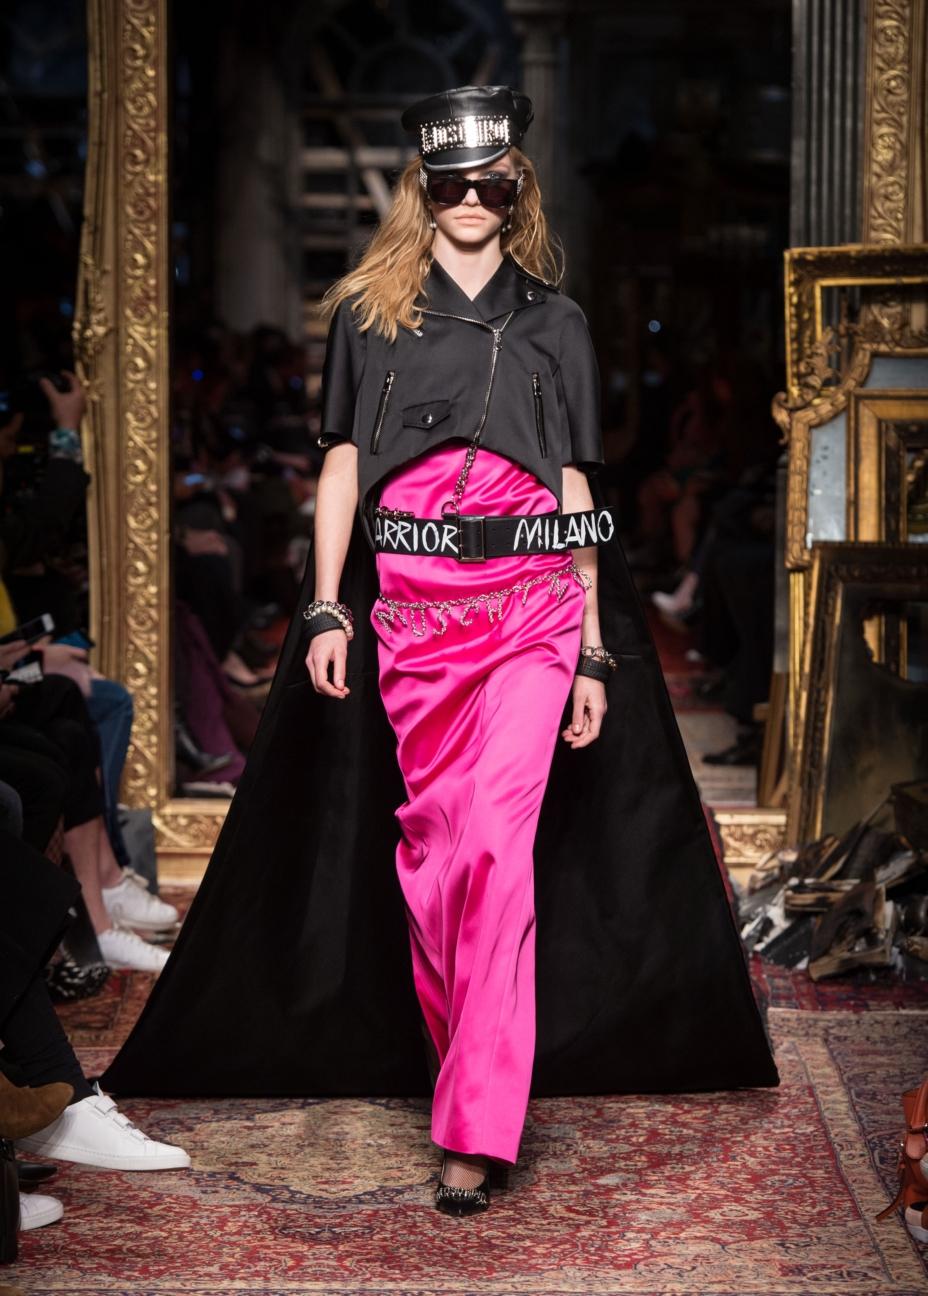 moschino-milan-fashion-week-aw-16-8